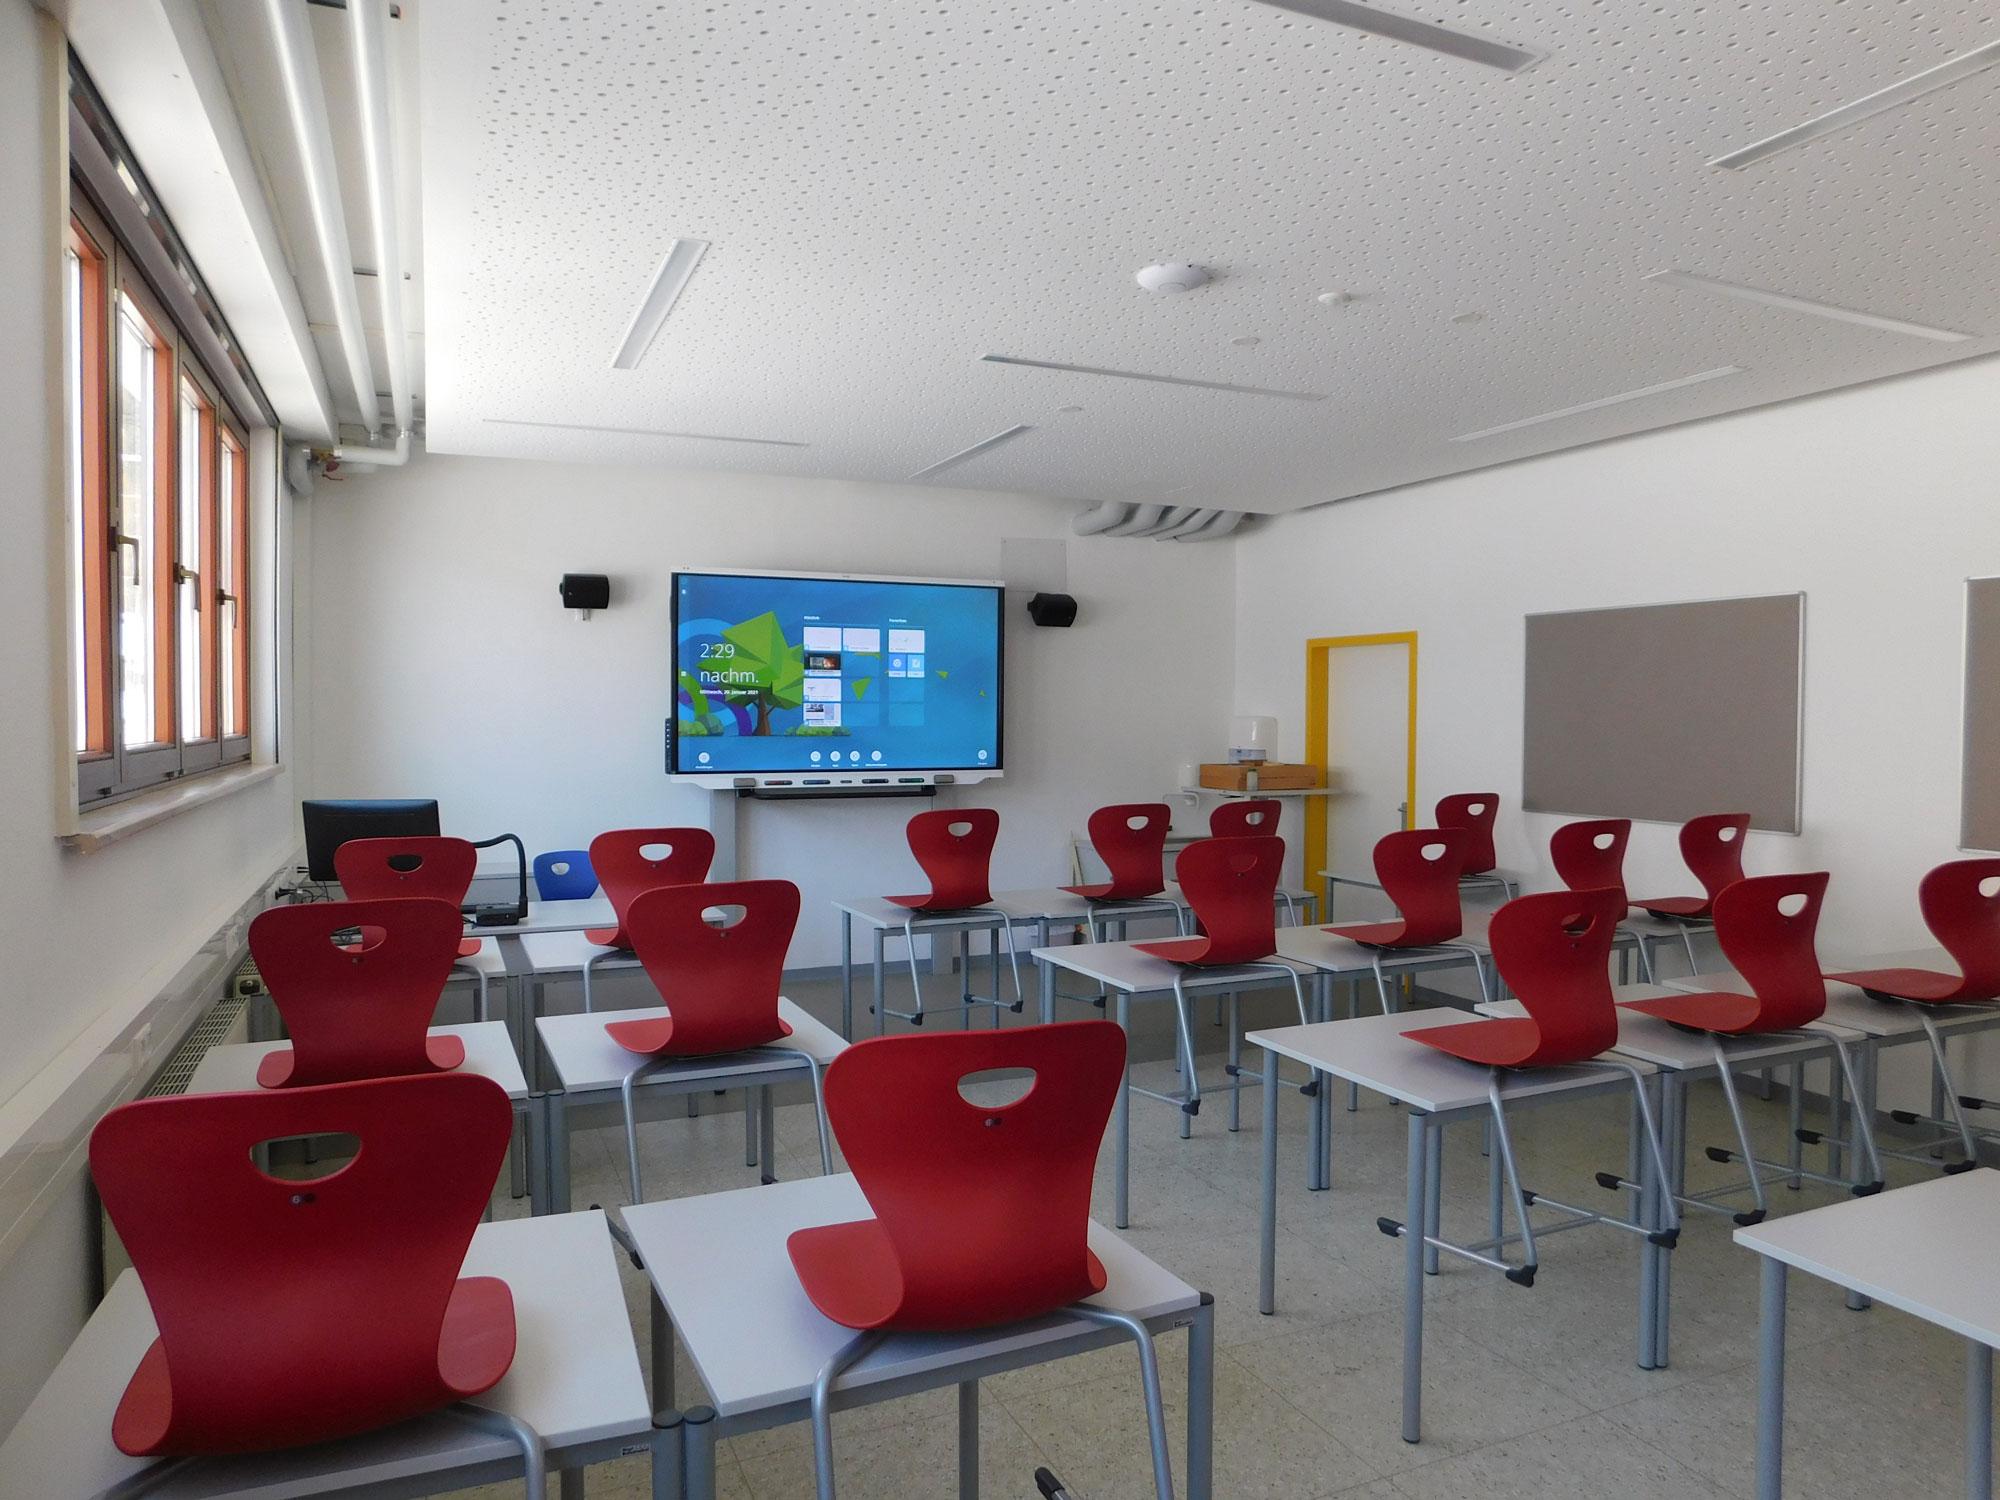 Der Klassenraum der Gegenwart (und Zukunft)